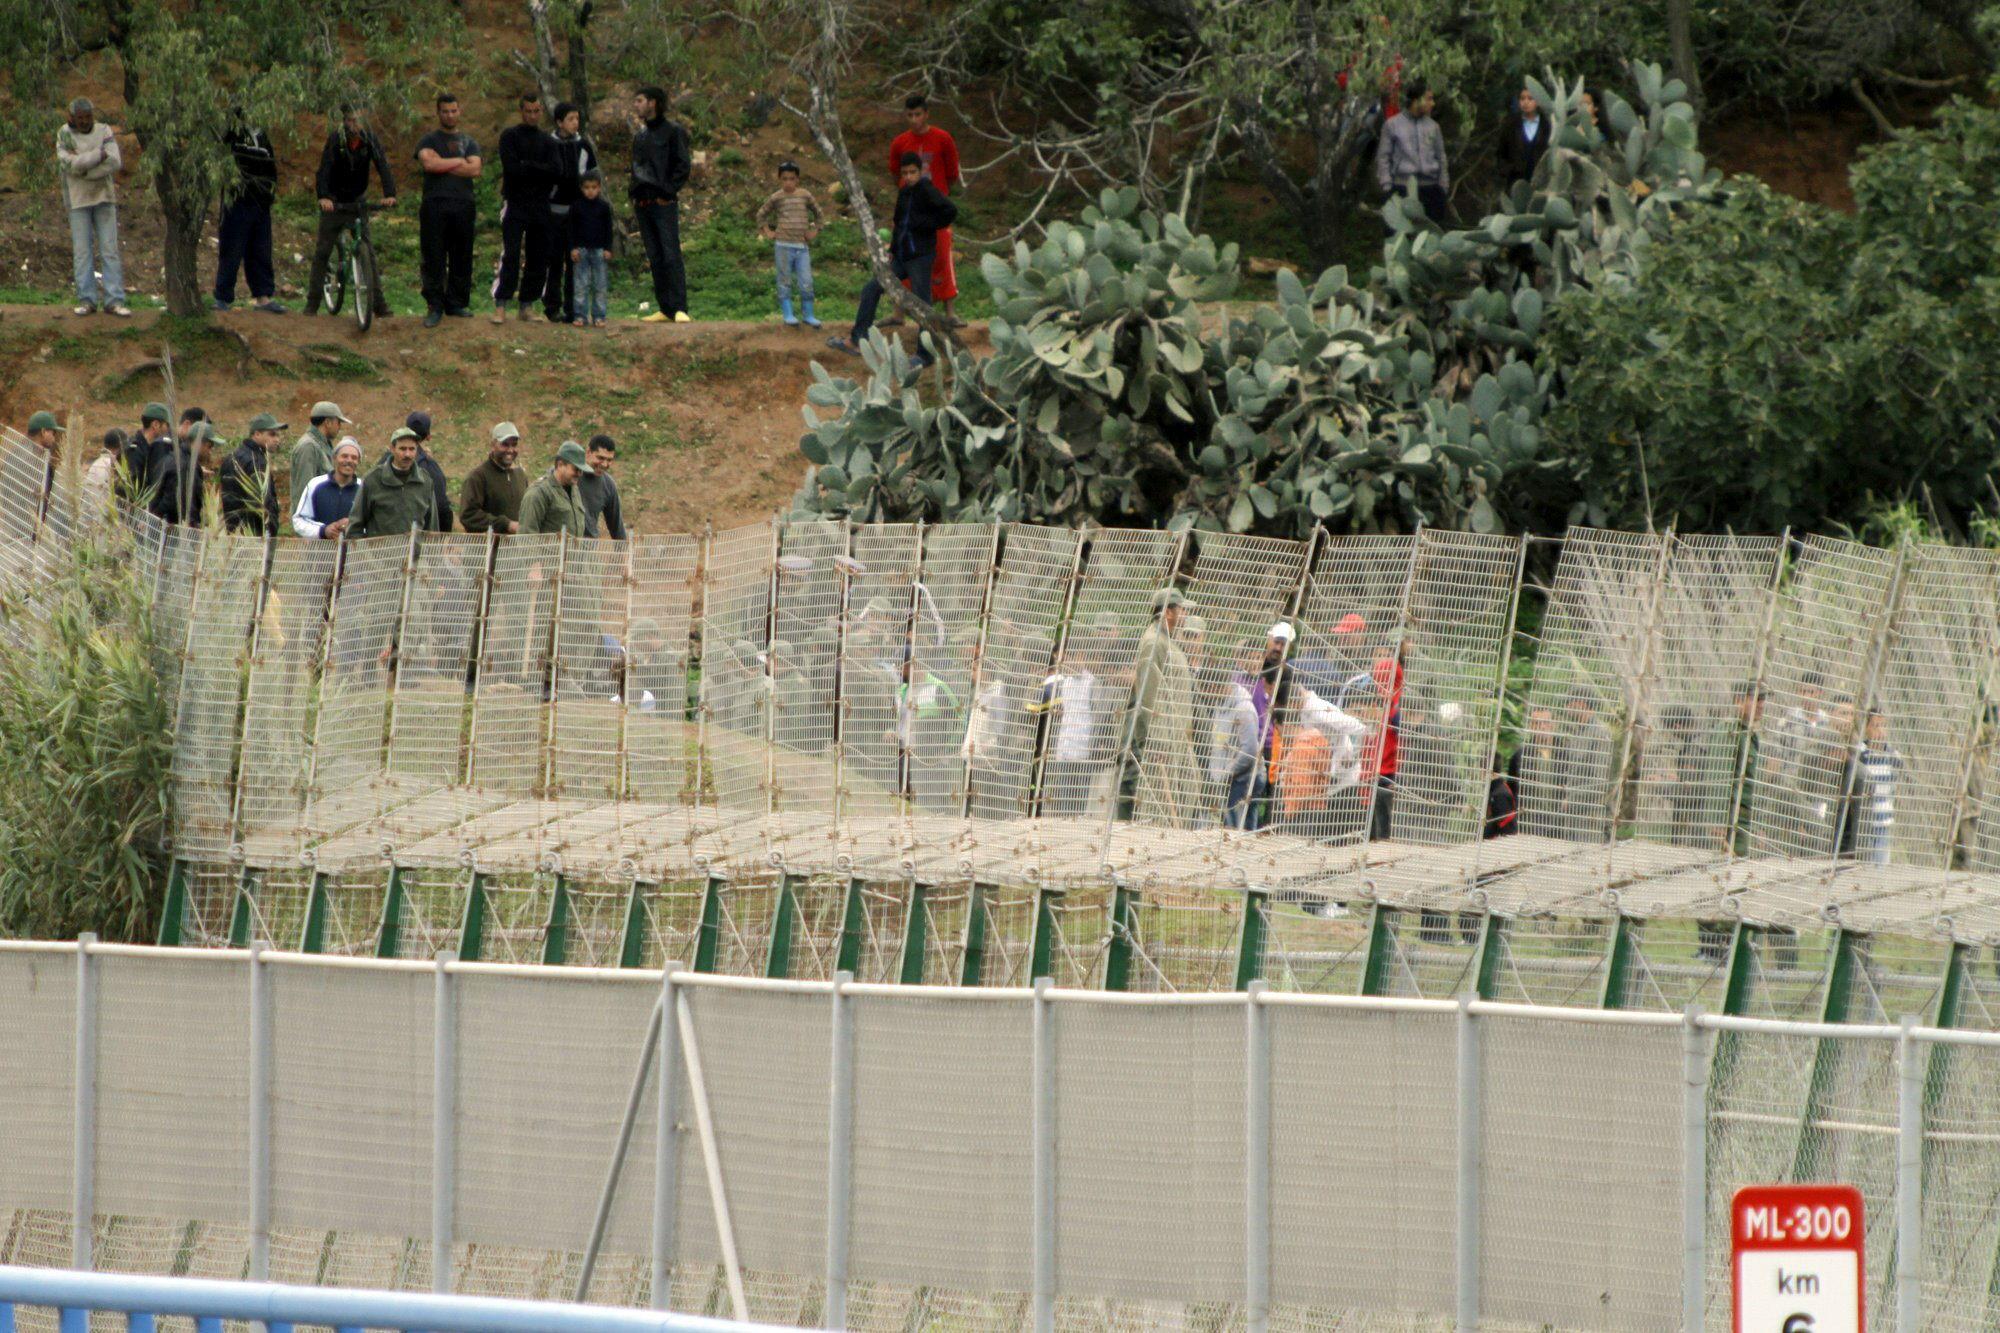 Marruecos y la Guardia Civil impiden que 700 inmigrantes salten la valla de Melilla